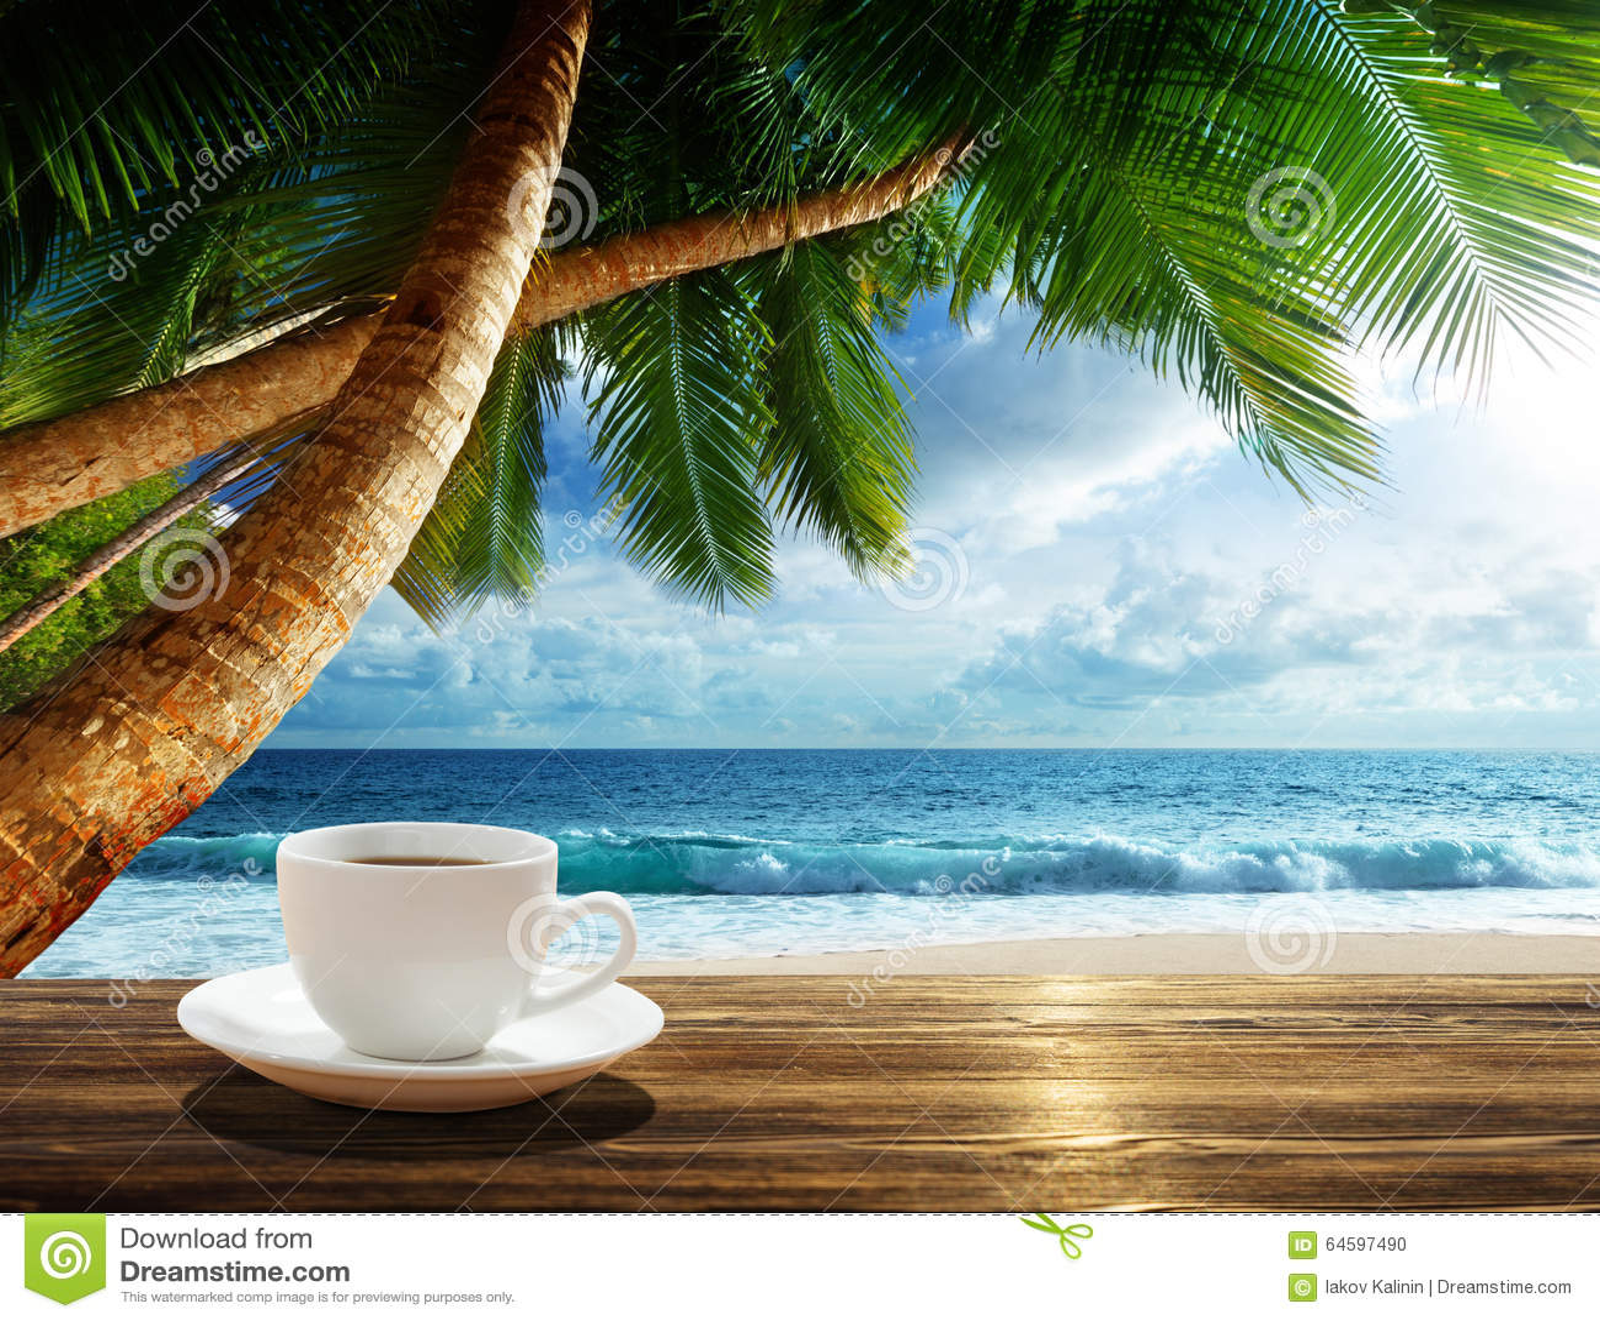 Beach Cup Tropical Island